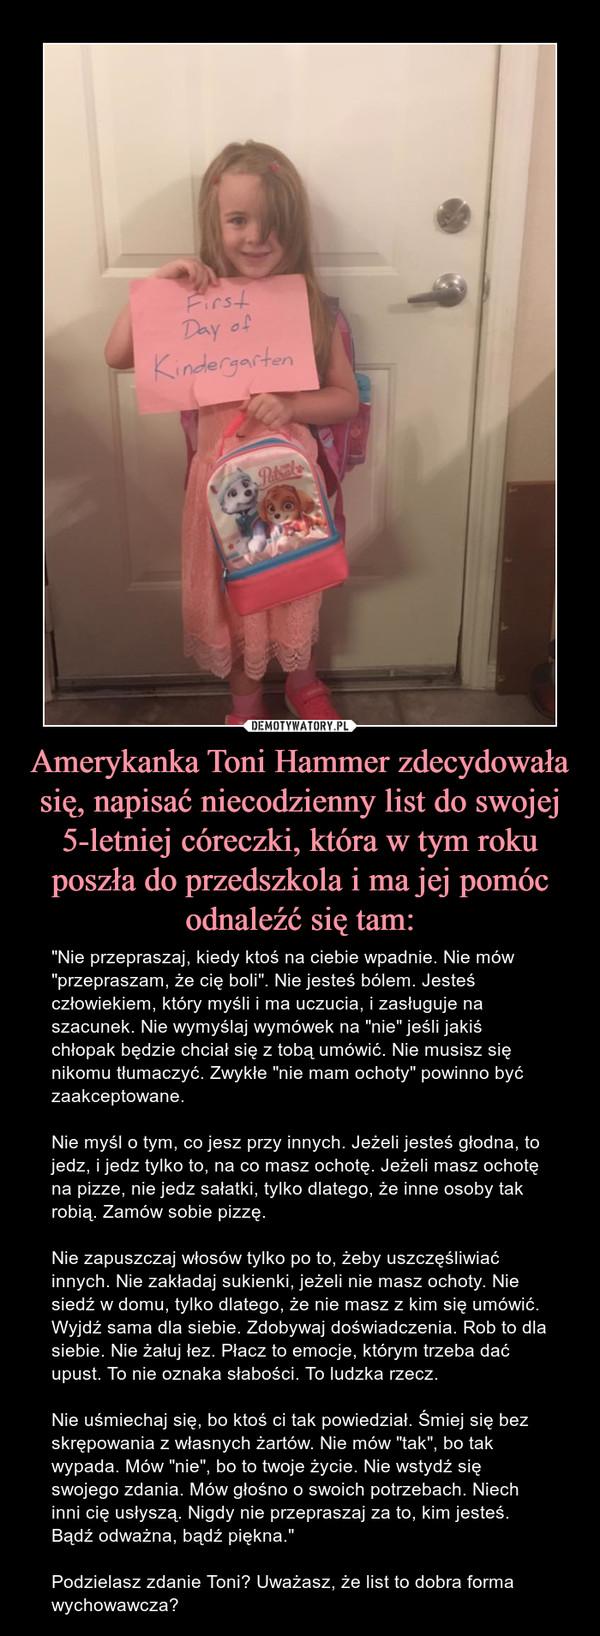 """Amerykanka Toni Hammer zdecydowała się, napisać niecodzienny list do swojej 5-letniej córeczki, która w tym roku poszła do przedszkola i ma jej pomóc odnaleźć się tam: – """"Nie przepraszaj, kiedy ktoś na ciebie wpadnie. Nie mów """"przepraszam, że cię boli"""". Nie jesteś bólem. Jesteś człowiekiem, który myśli i ma uczucia, i zasługuje na szacunek. Nie wymyślaj wymówek na """"nie"""" jeśli jakiś chłopak będzie chciał się z tobą umówić. Nie musisz się nikomu tłumaczyć. Zwykłe """"nie mam ochoty"""" powinno być zaakceptowane.Nie myśl o tym, co jesz przy innych. Jeżeli jesteś głodna, to jedz, i jedz tylko to, na co masz ochotę. Jeżeli masz ochotę na pizze, nie jedz sałatki, tylko dlatego, że inne osoby tak robią. Zamów sobie pizzę.Nie zapuszczaj włosów tylko po to, żeby uszczęśliwiać innych. Nie zakładaj sukienki, jeżeli nie masz ochoty. Nie siedź w domu, tylko dlatego, że nie masz z kim się umówić. Wyjdź sama dla siebie. Zdobywaj doświadczenia. Rob to dla siebie. Nie żałuj łez. Płacz to emocje, którym trzeba dać upust. To nie oznaka słabości. To ludzka rzecz.Nie uśmiechaj się, bo ktoś ci tak powiedział. Śmiej się bez skrępowania z własnych żartów. Nie mów """"tak"""", bo tak wypada. Mów """"nie"""", bo to twoje życie. Nie wstydź się swojego zdania. Mów głośno o swoich potrzebach. Niech inni cię usłyszą. Nigdy nie przepraszaj za to, kim jesteś. Bądź odważna, bądź piękna.""""Podzielasz zdanie Toni? Uważasz, że list to dobra forma wychowawcza?"""